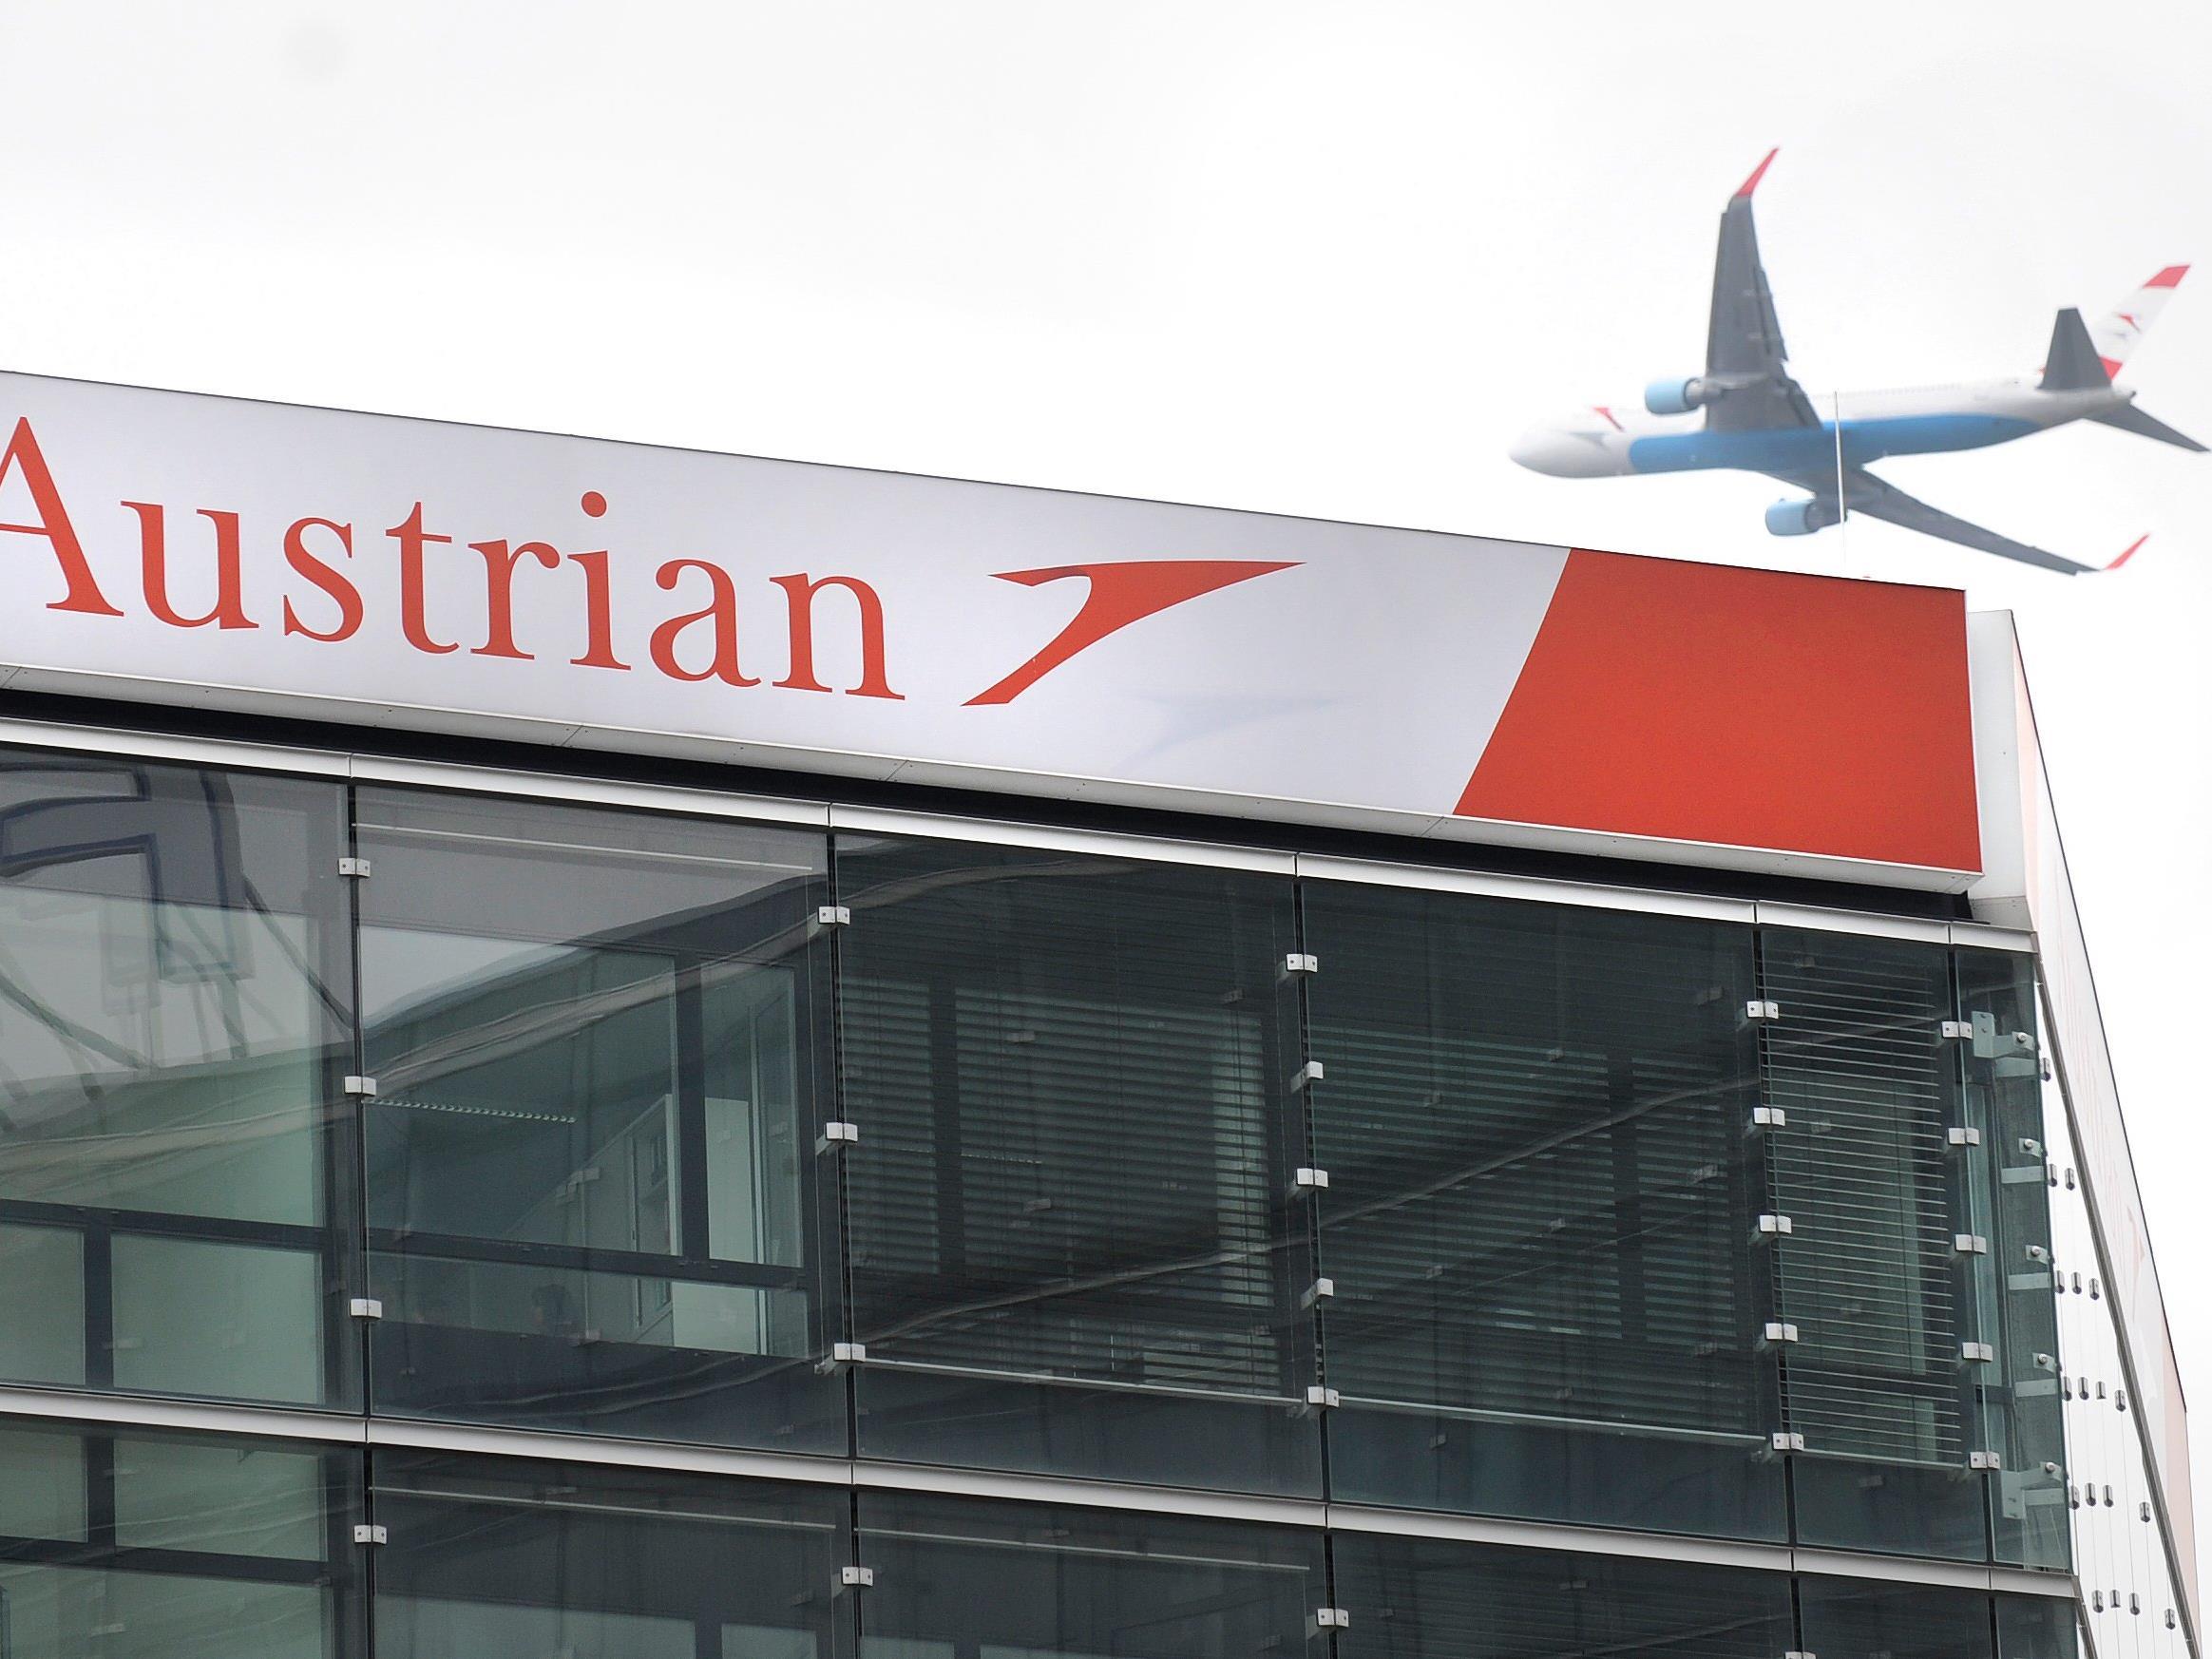 Im Februar 2016 wurden mehr Passagiere auf dem Flughafen Wien abgefertigt als im gleichen Monat des Vorjahres.